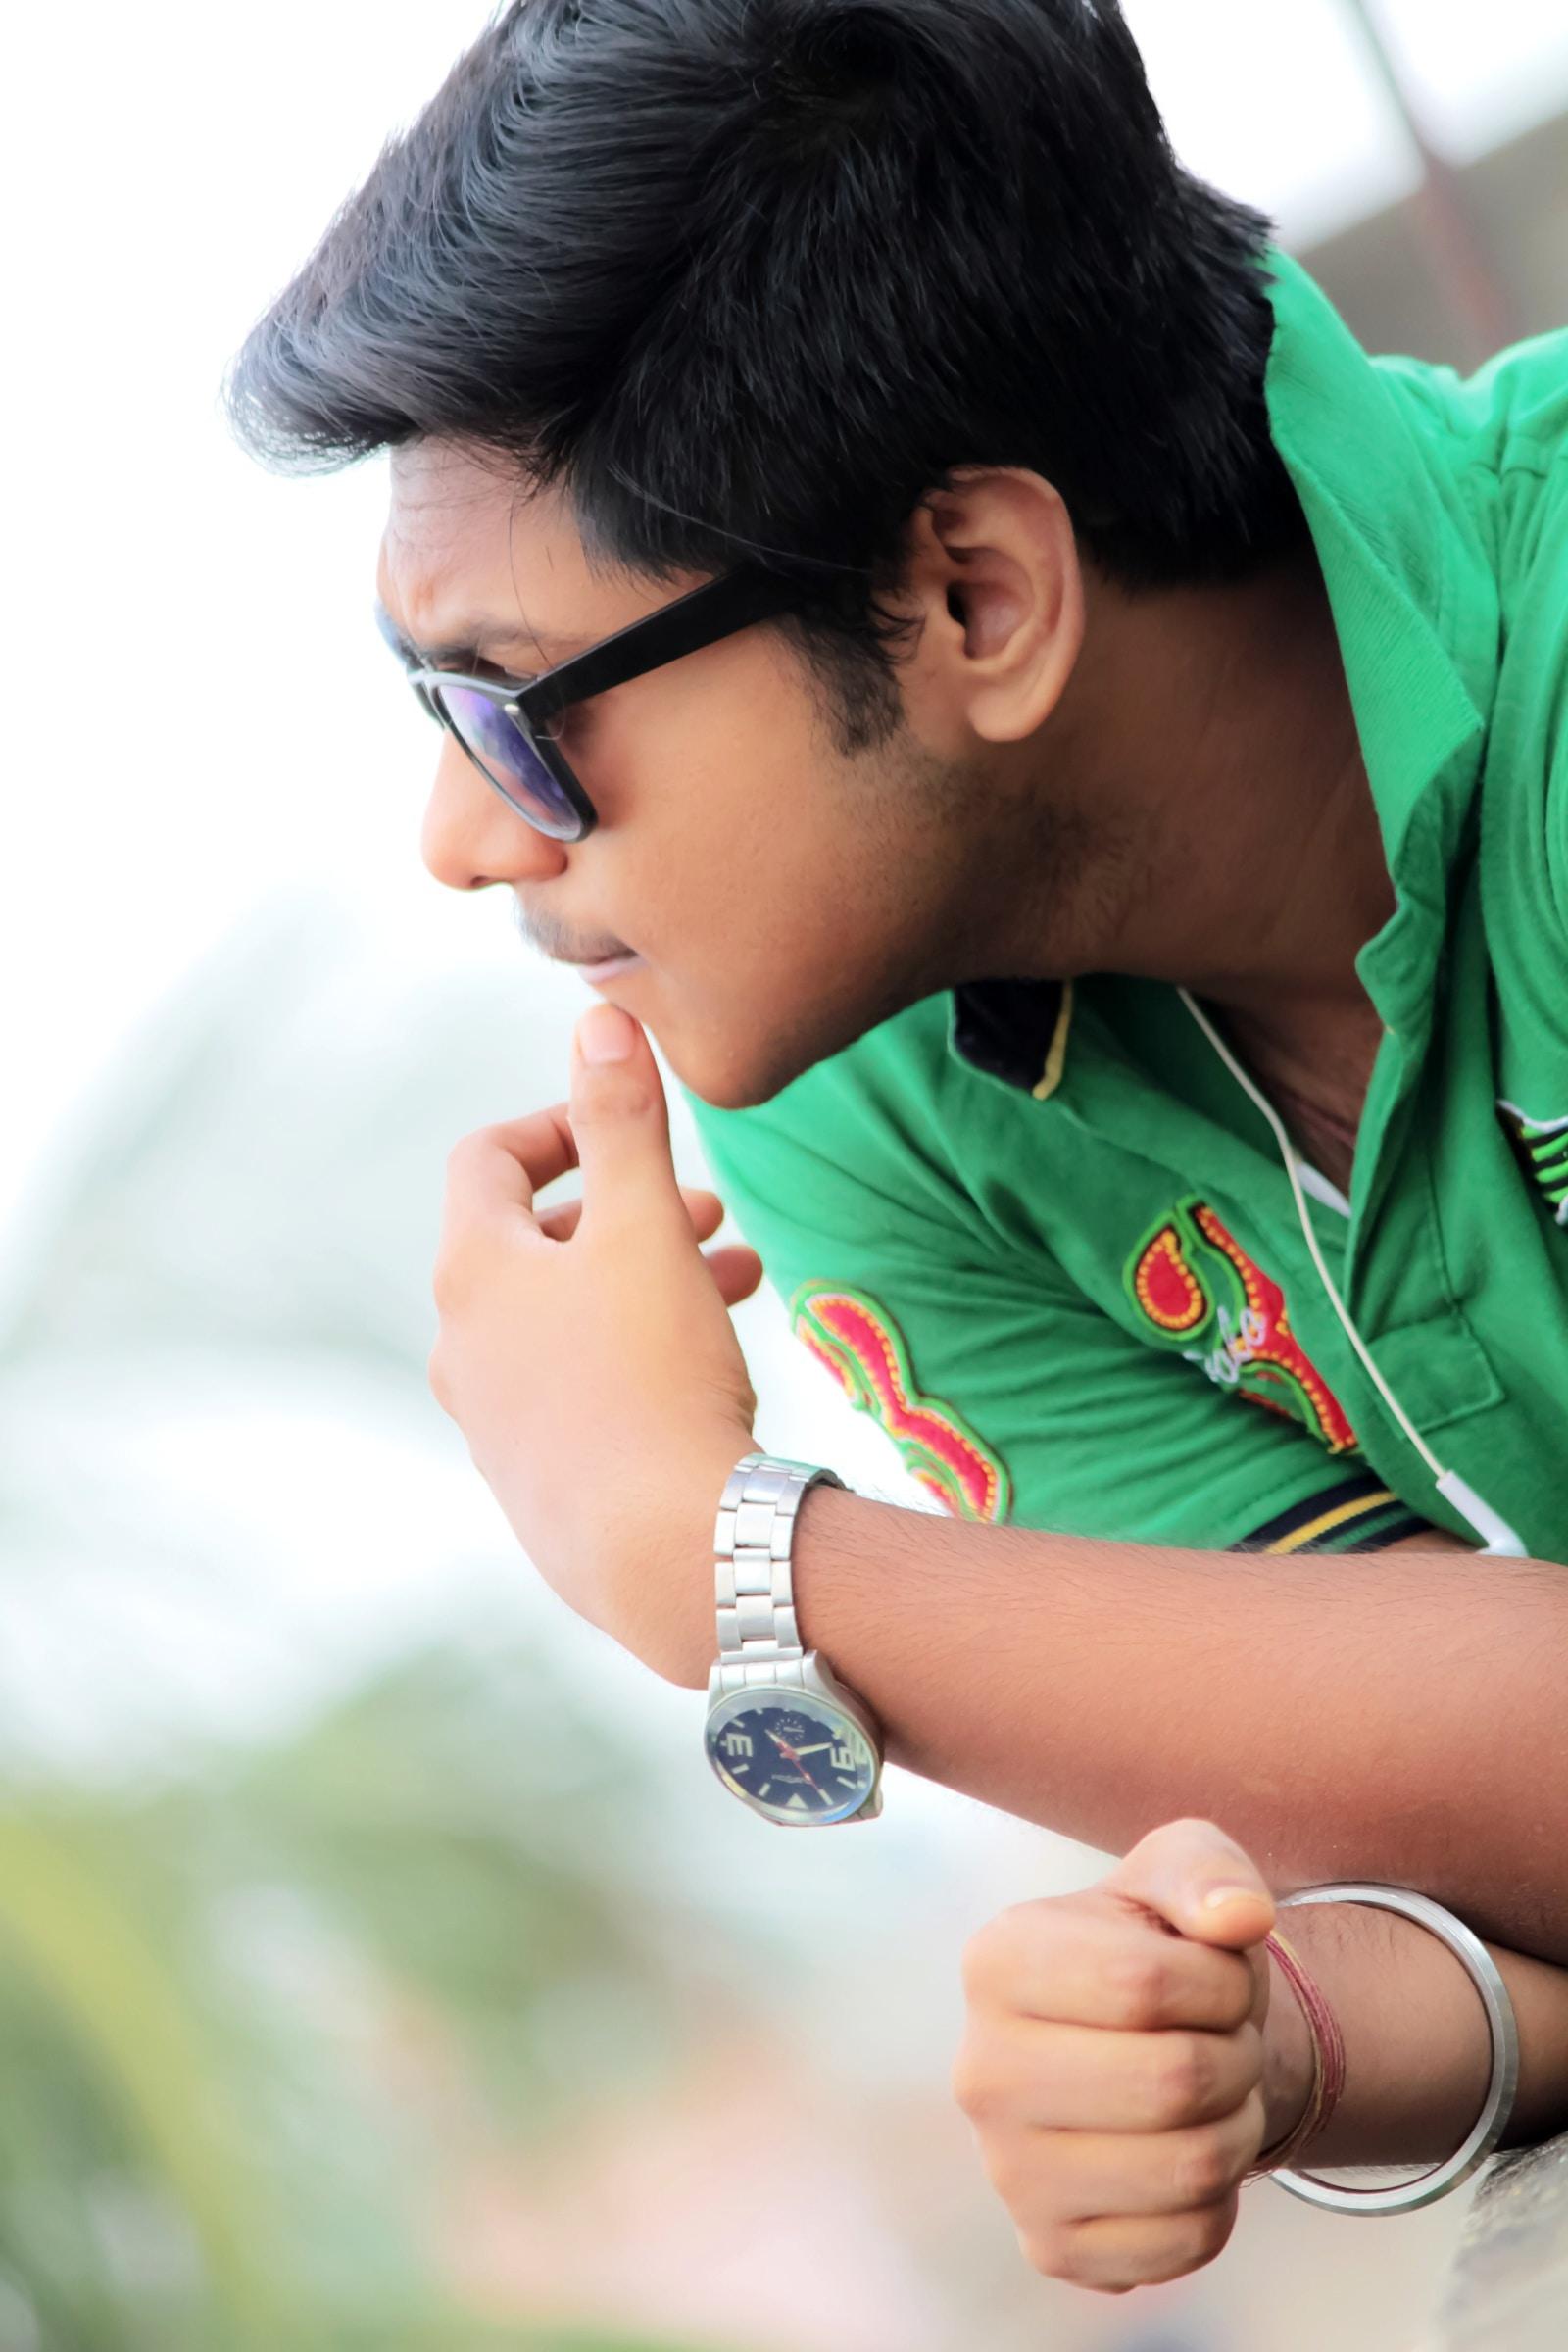 Go to Koushik Das's profile